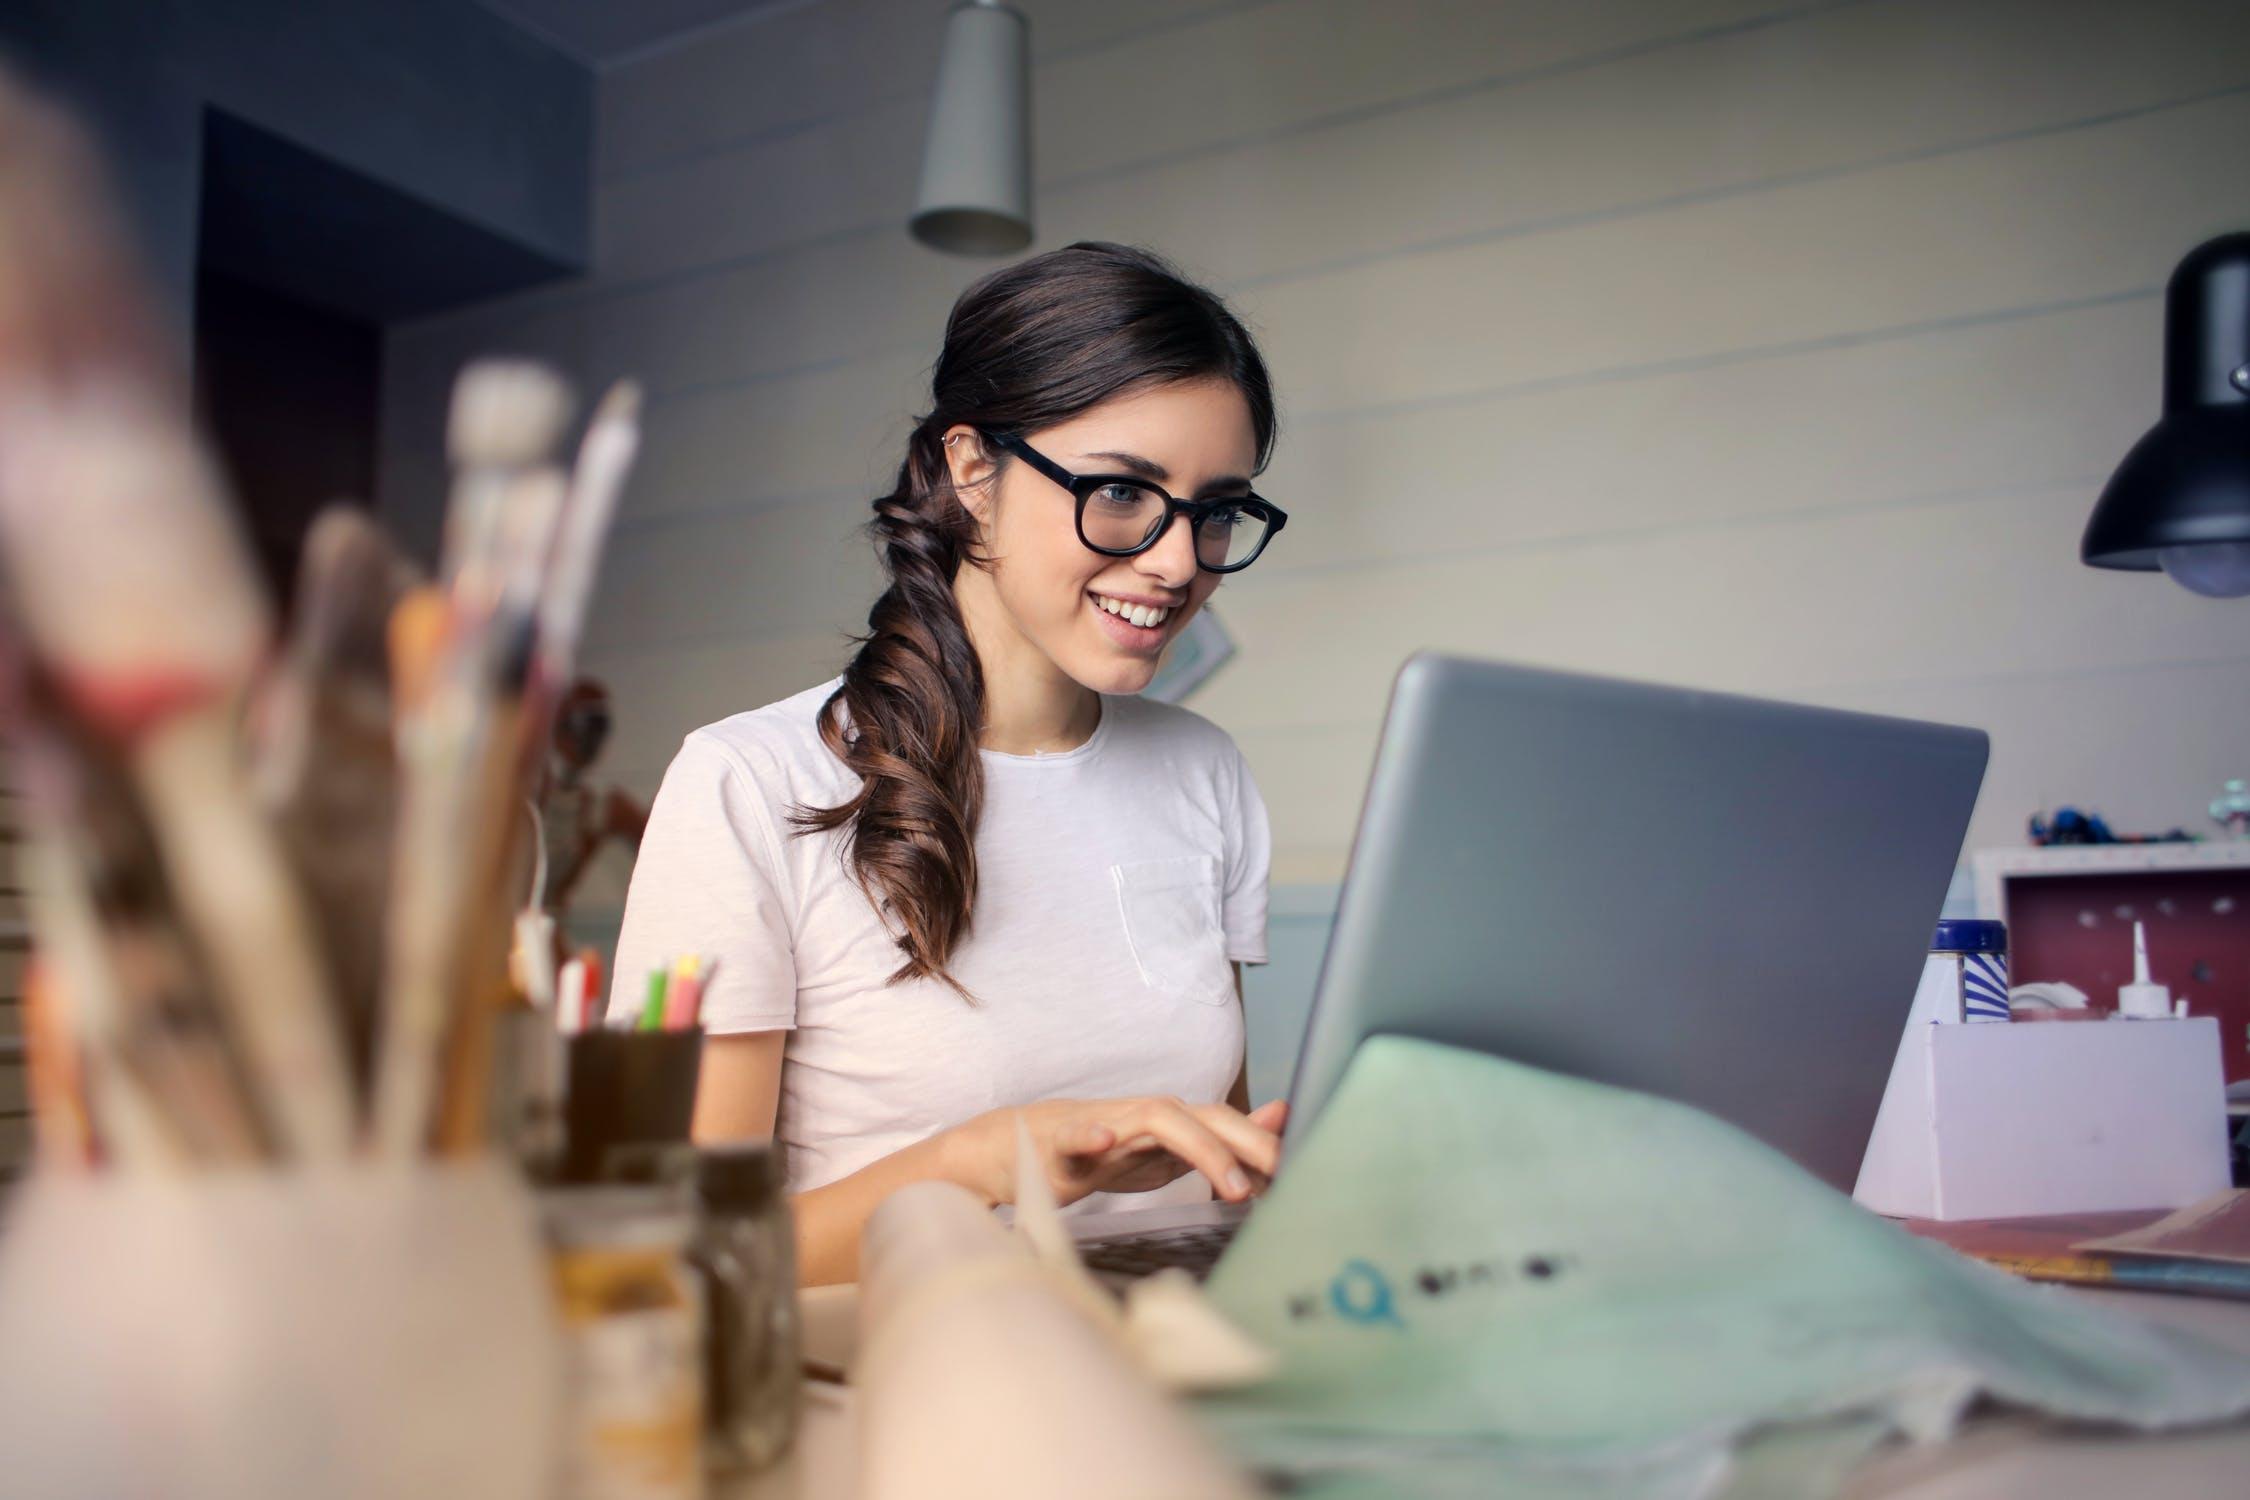 Frau am Laptop - Sinnvolle Nutzung von Telefonkonferenzen für Werbeagenturen